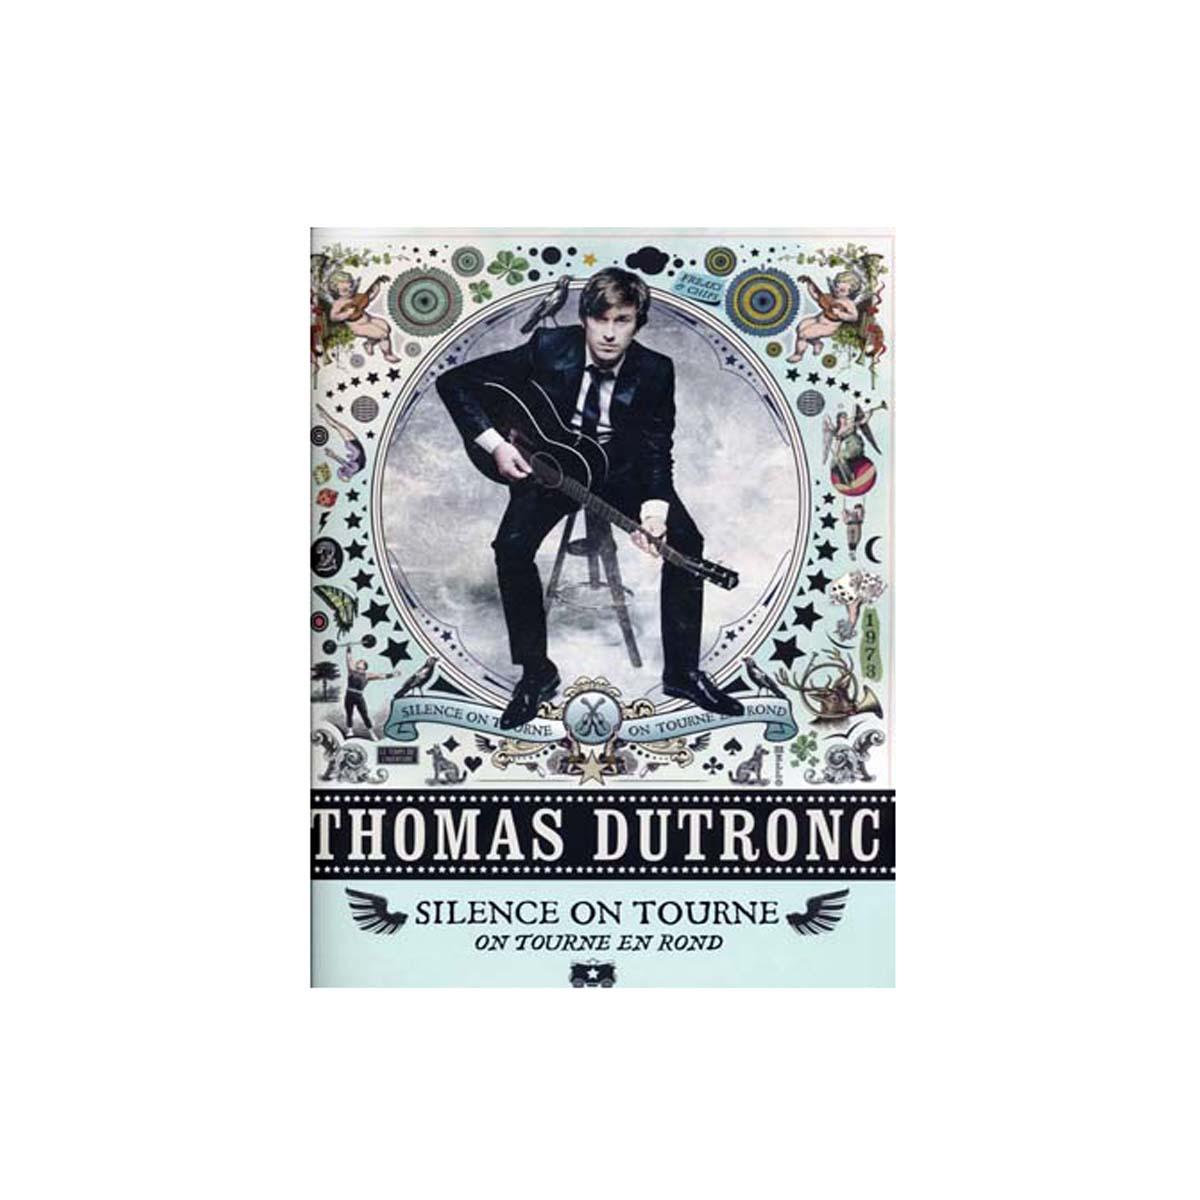 Thomas Dutronc - Silence on tourne